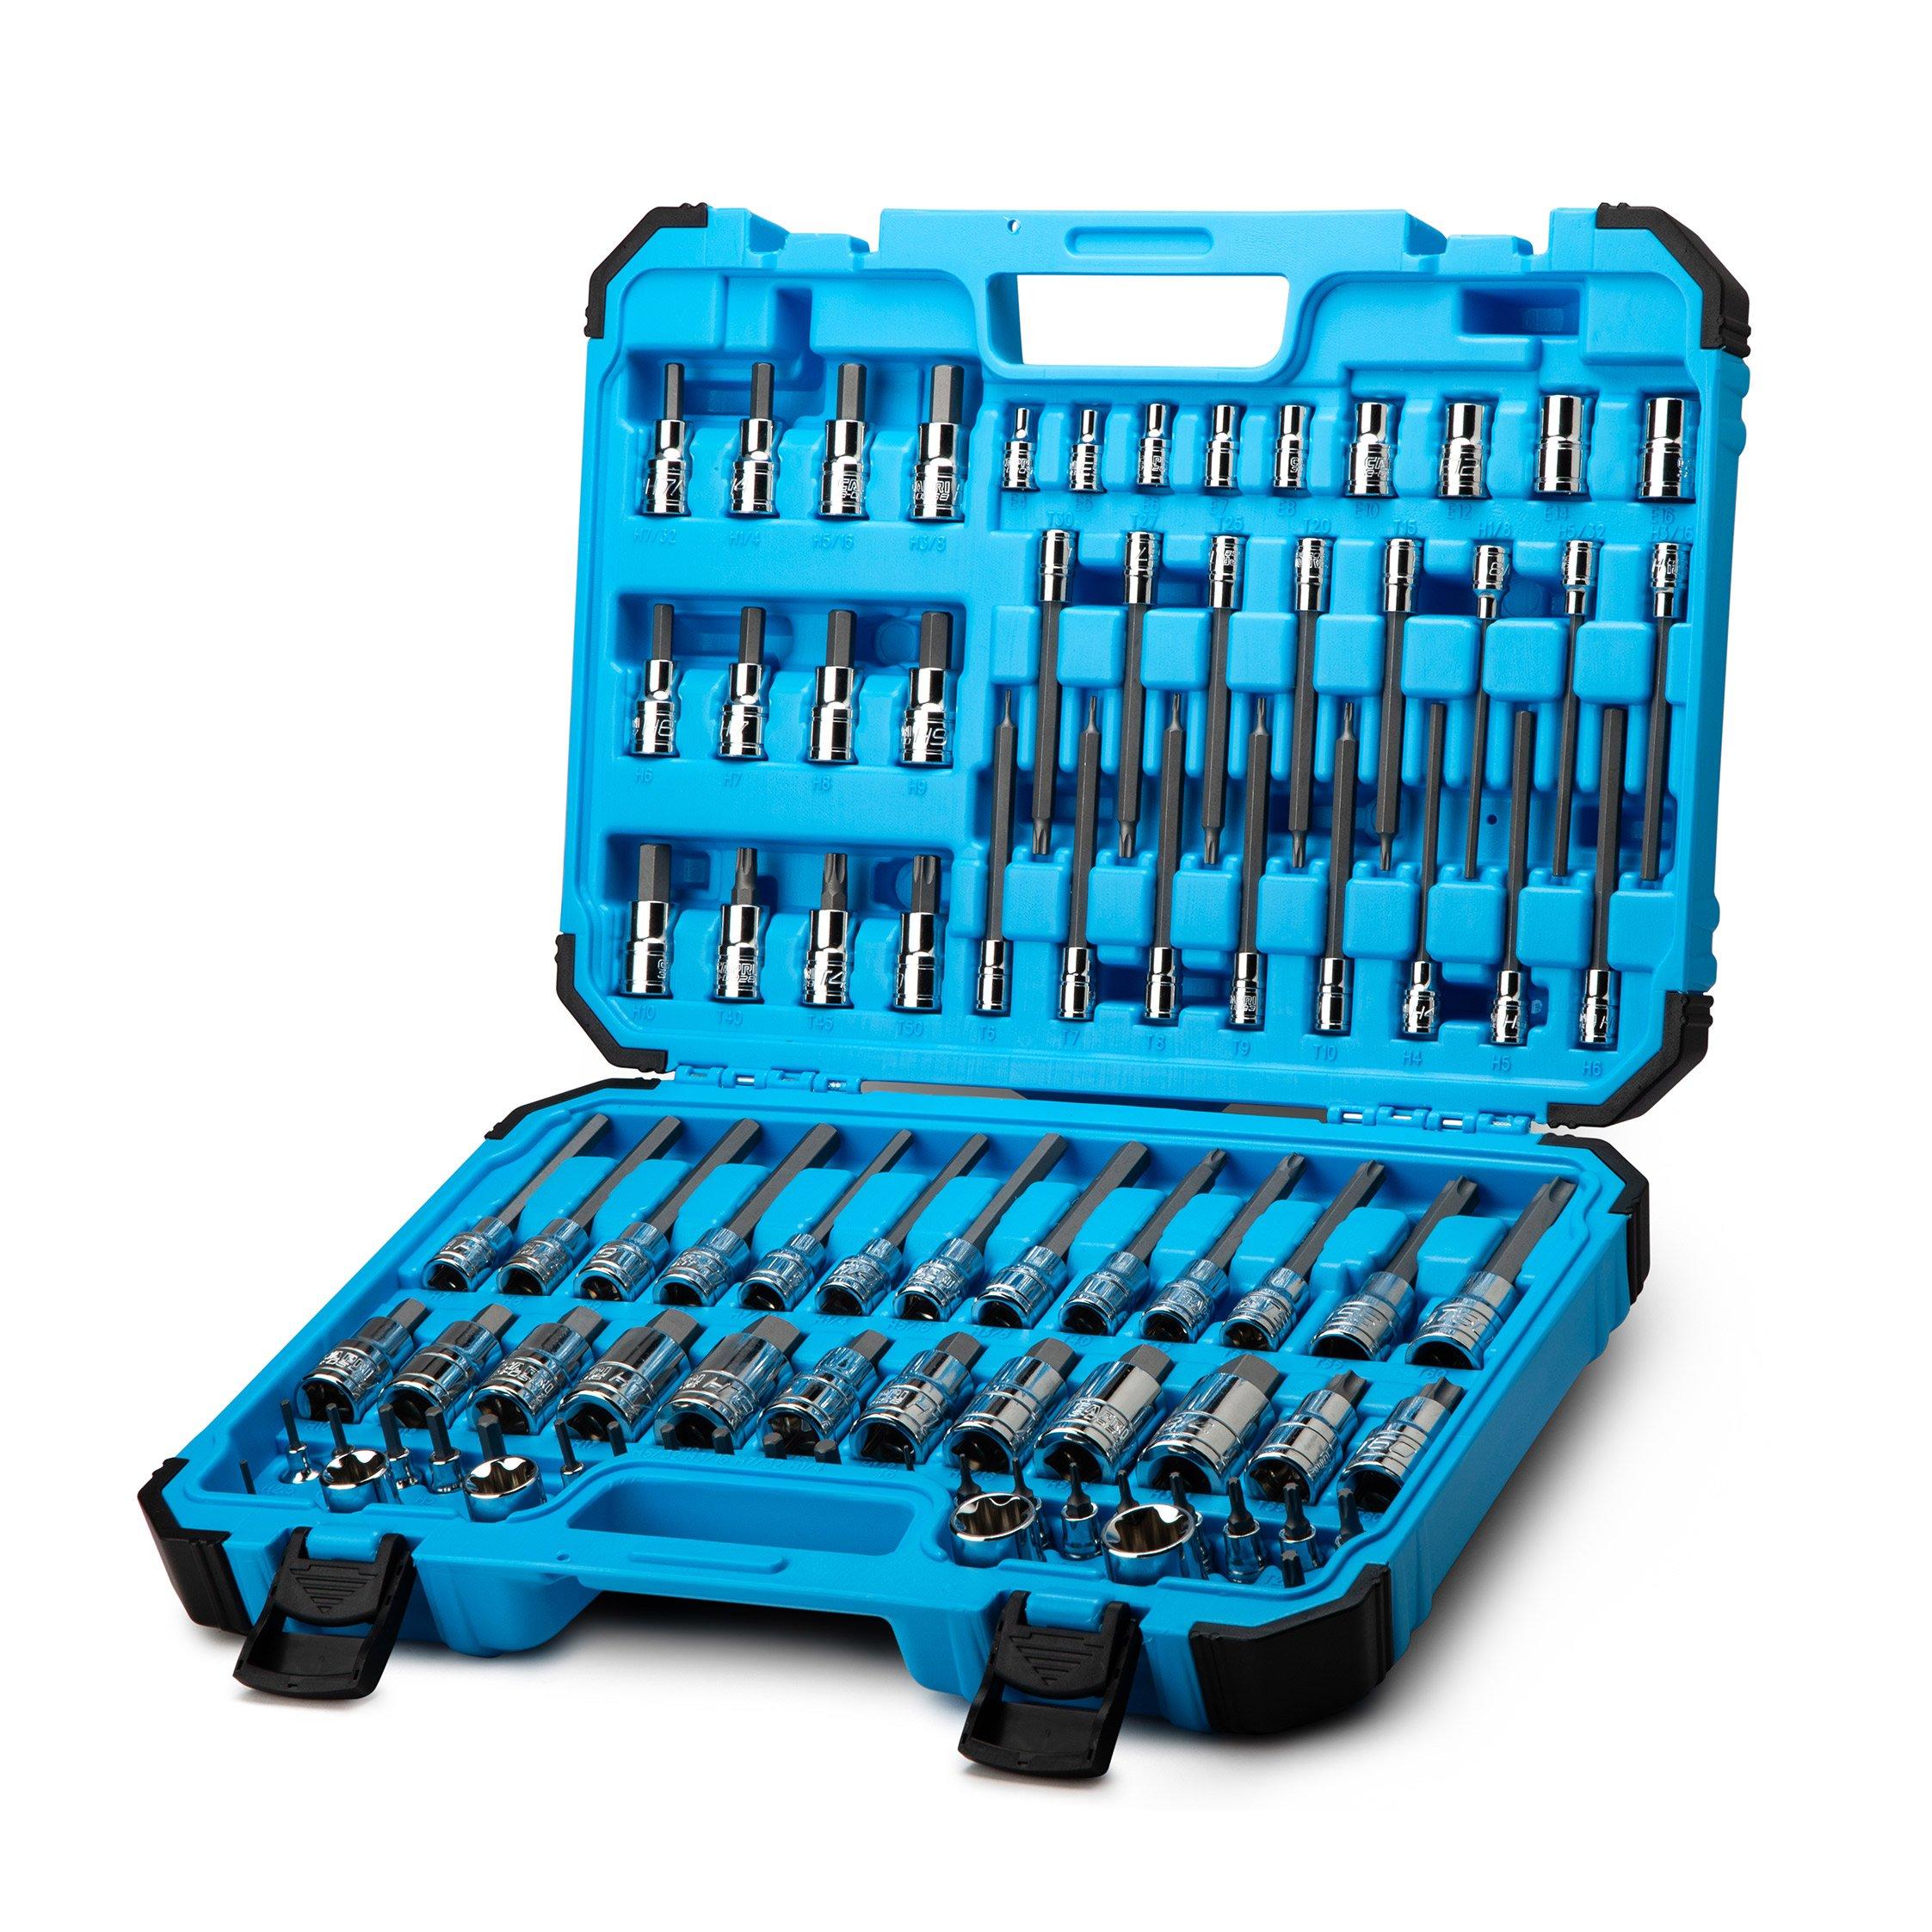 Capri Tools Master Bit Socket Set, Advanced Series, 88-Piece by Capri Tools